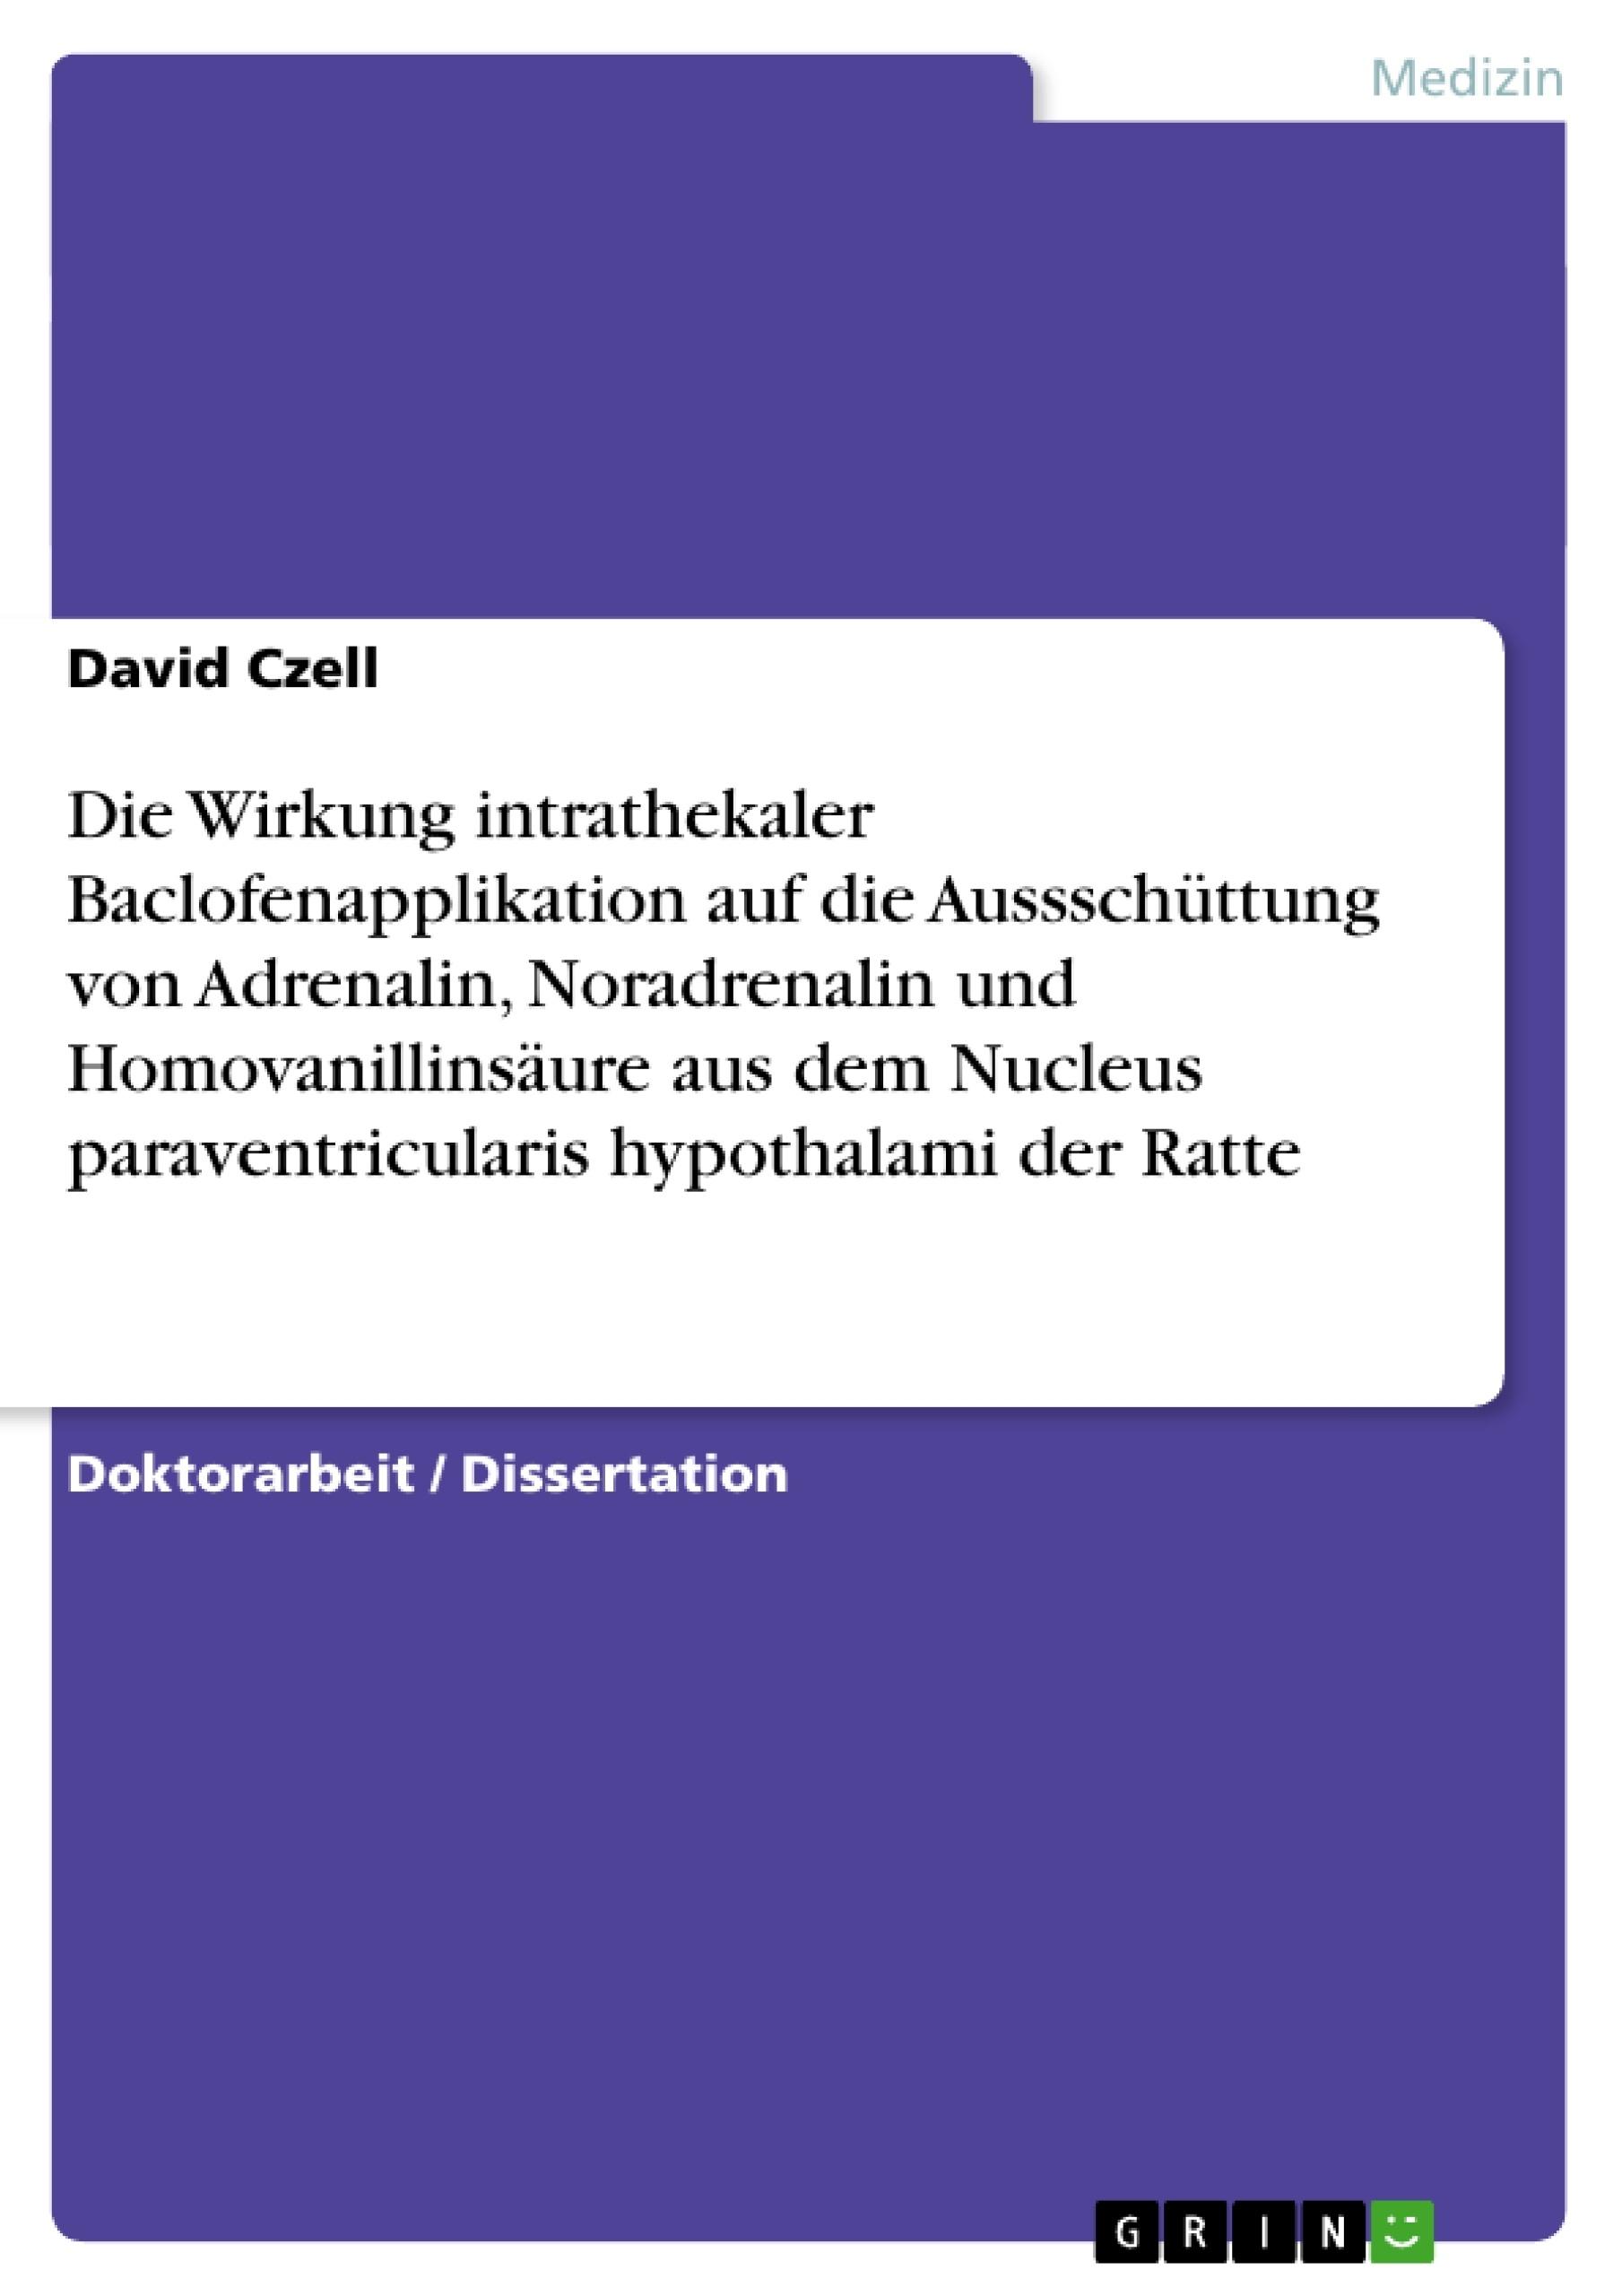 Titel: Die Wirkung intrathekaler Baclofenapplikation auf die Aussschüttung von Adrenalin, Noradrenalin und Homovanillinsäure aus dem Nucleus paraventricularis hypothalami der Ratte